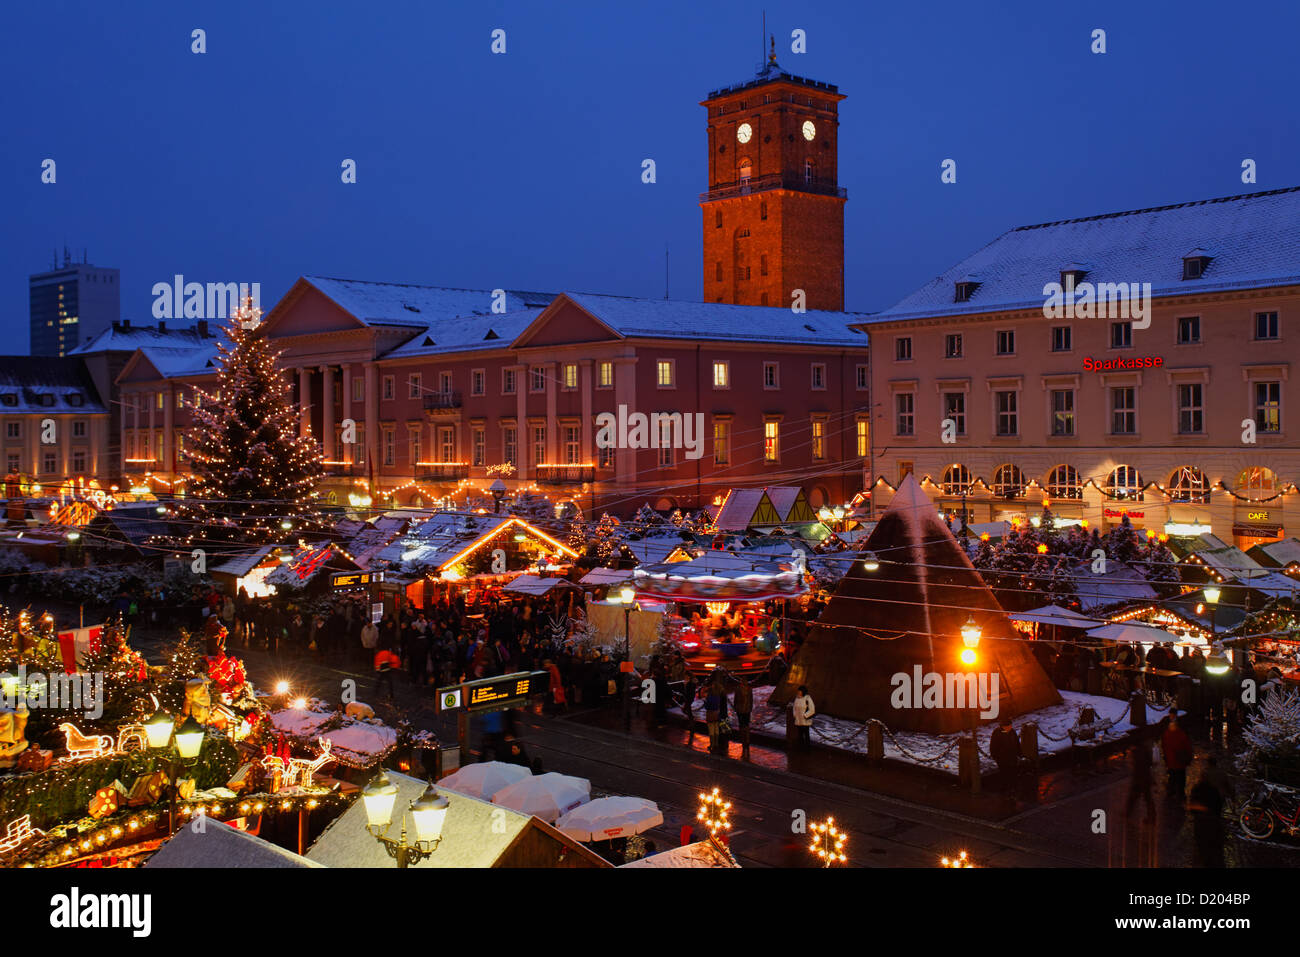 Karlsruhe Weihnachtsmarkt.Weihnachtsmarkt In Karlsruhe Baden Württemberg Deutschland